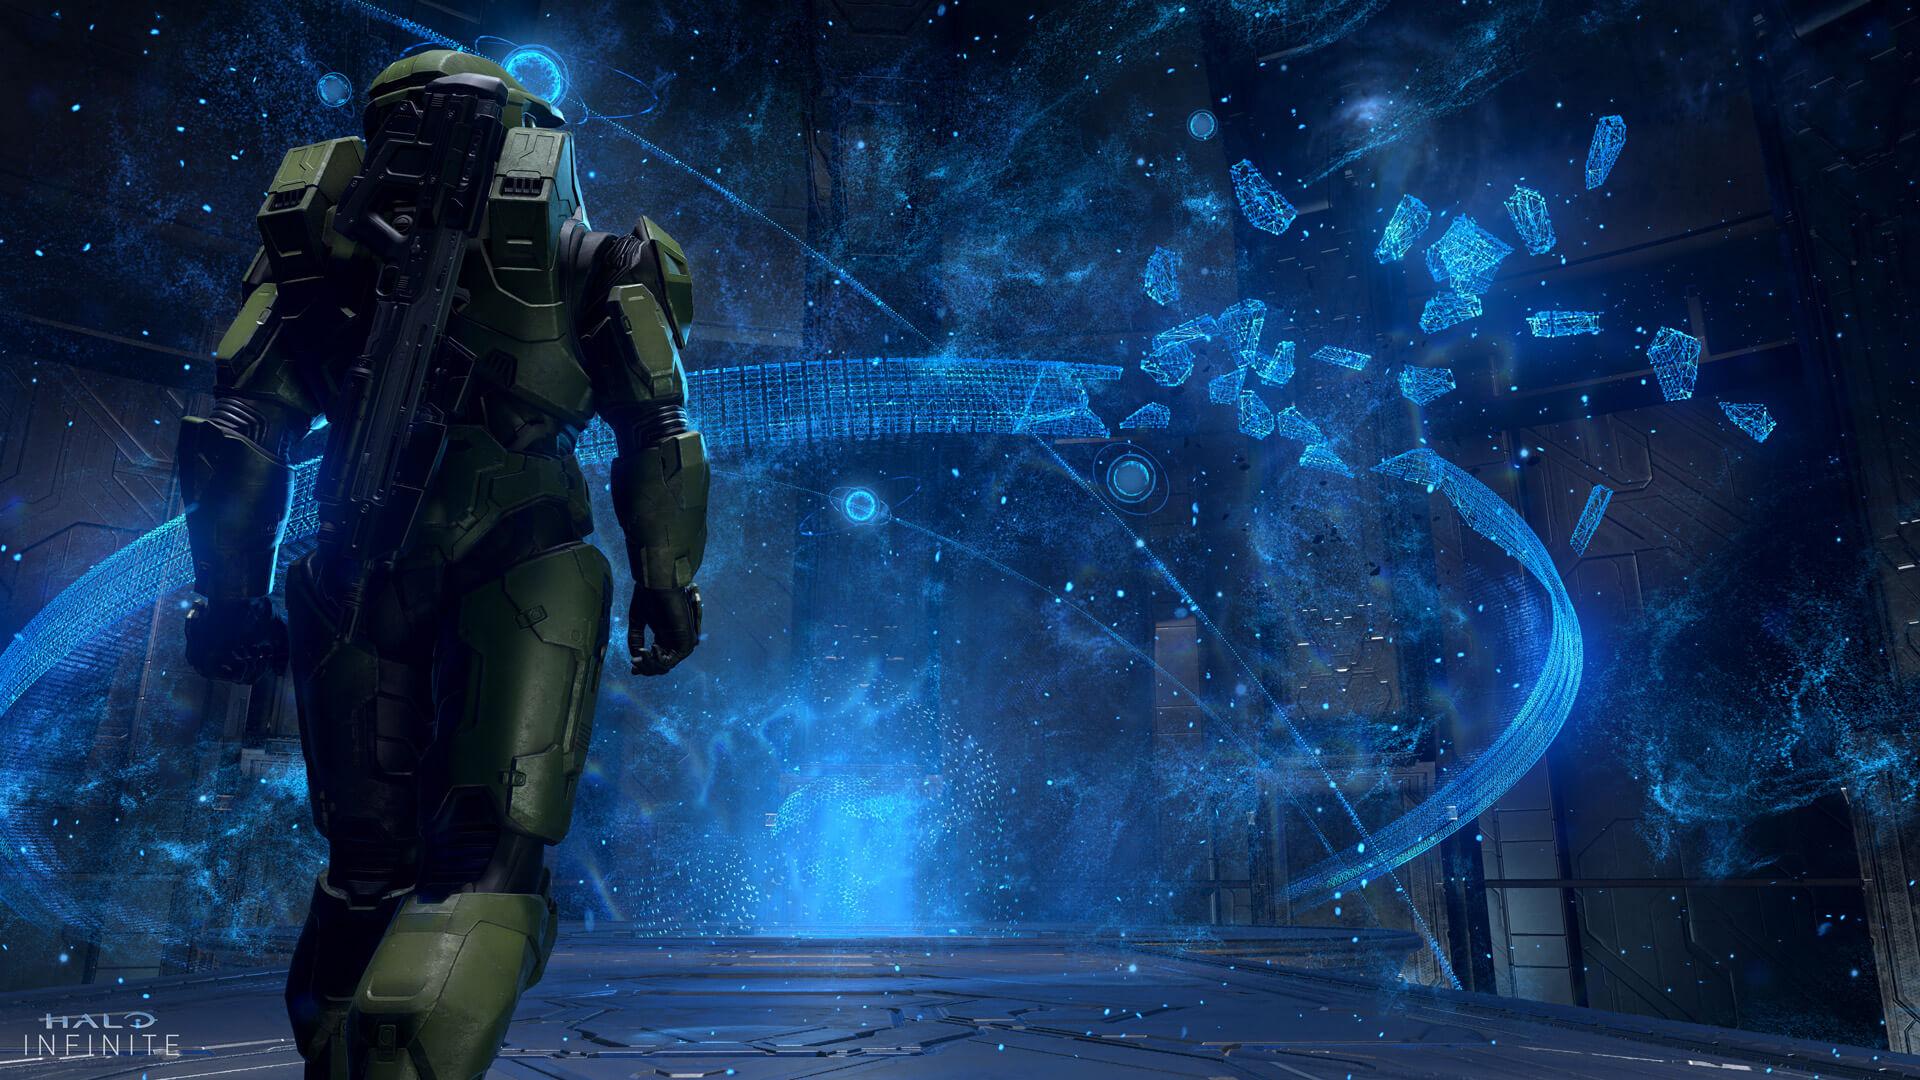 Xbox 343 Industries